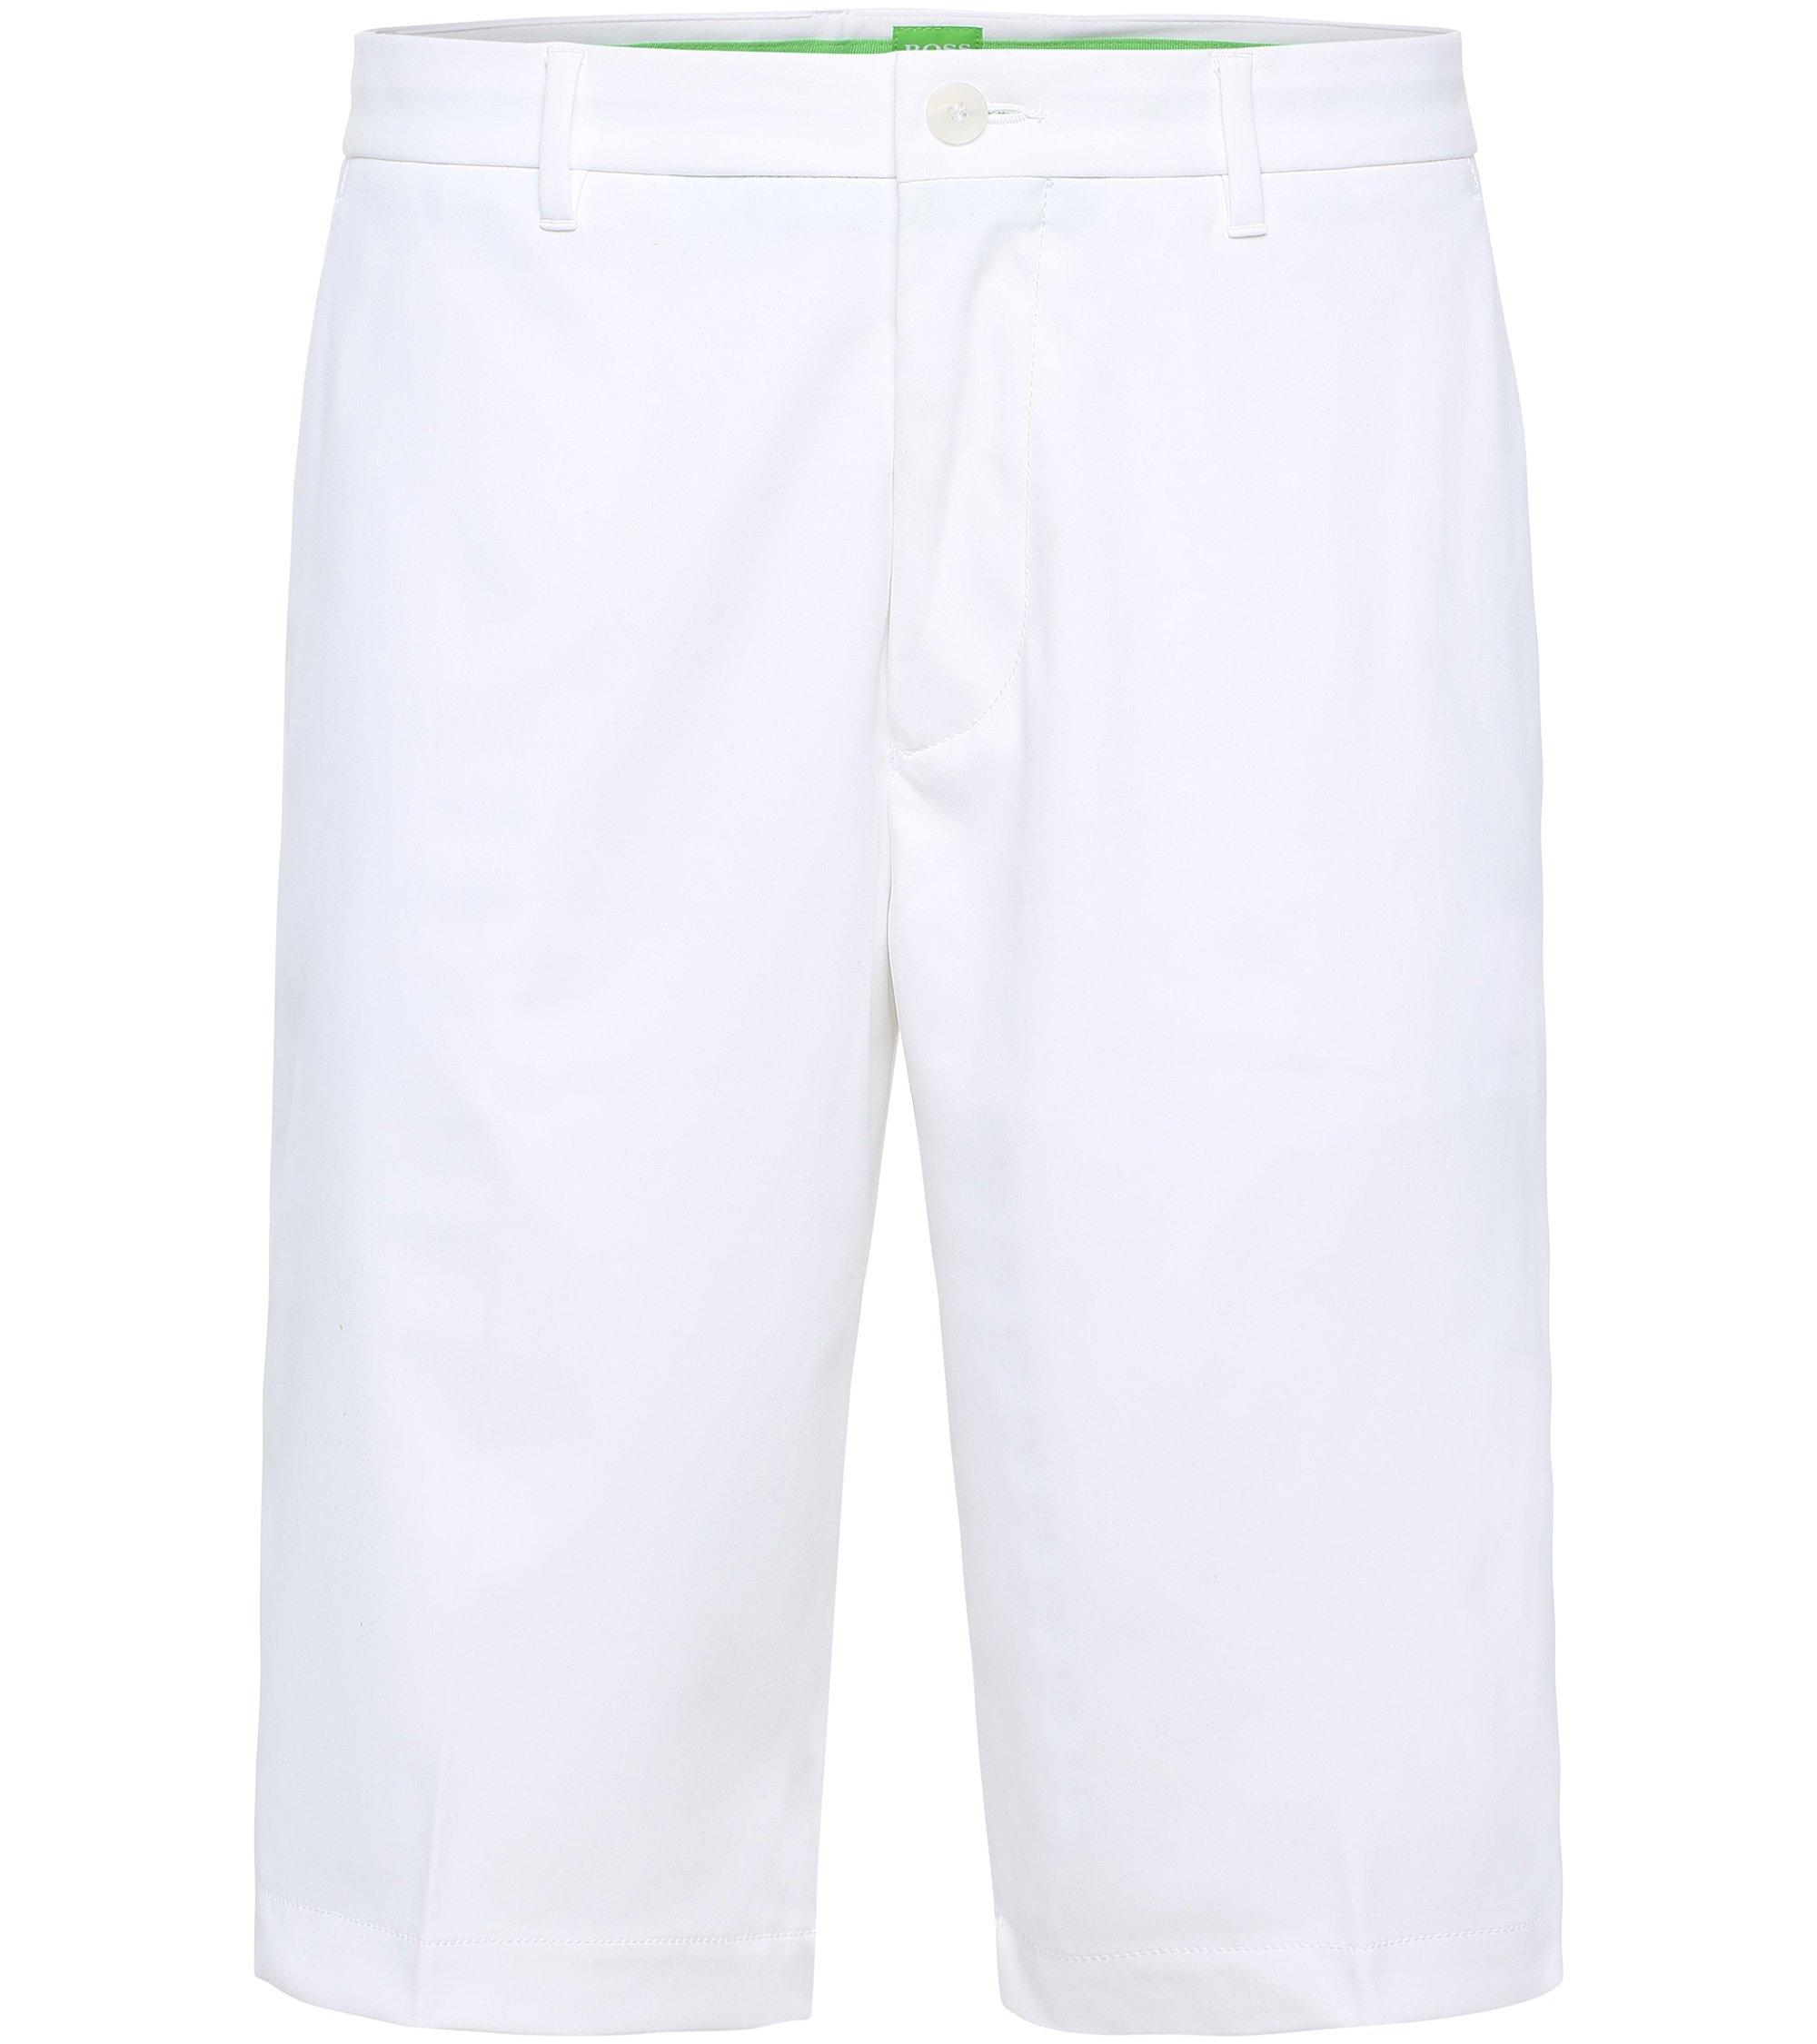 Woven Bermuda Shorts, Regular Fit | Hayler, White